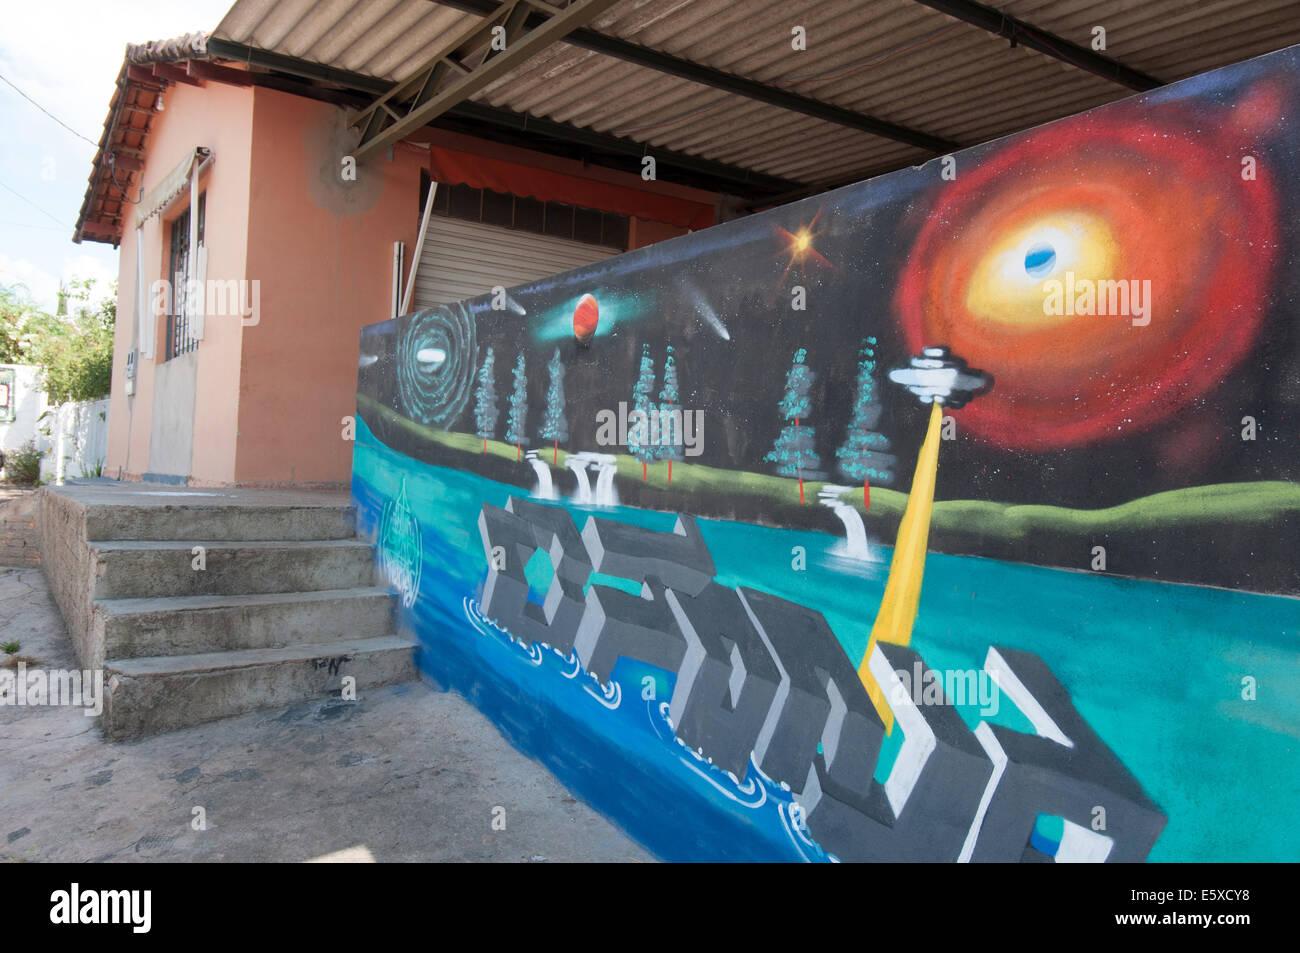 Alto Paraíso ciudad , OVNI mural Imagen De Stock